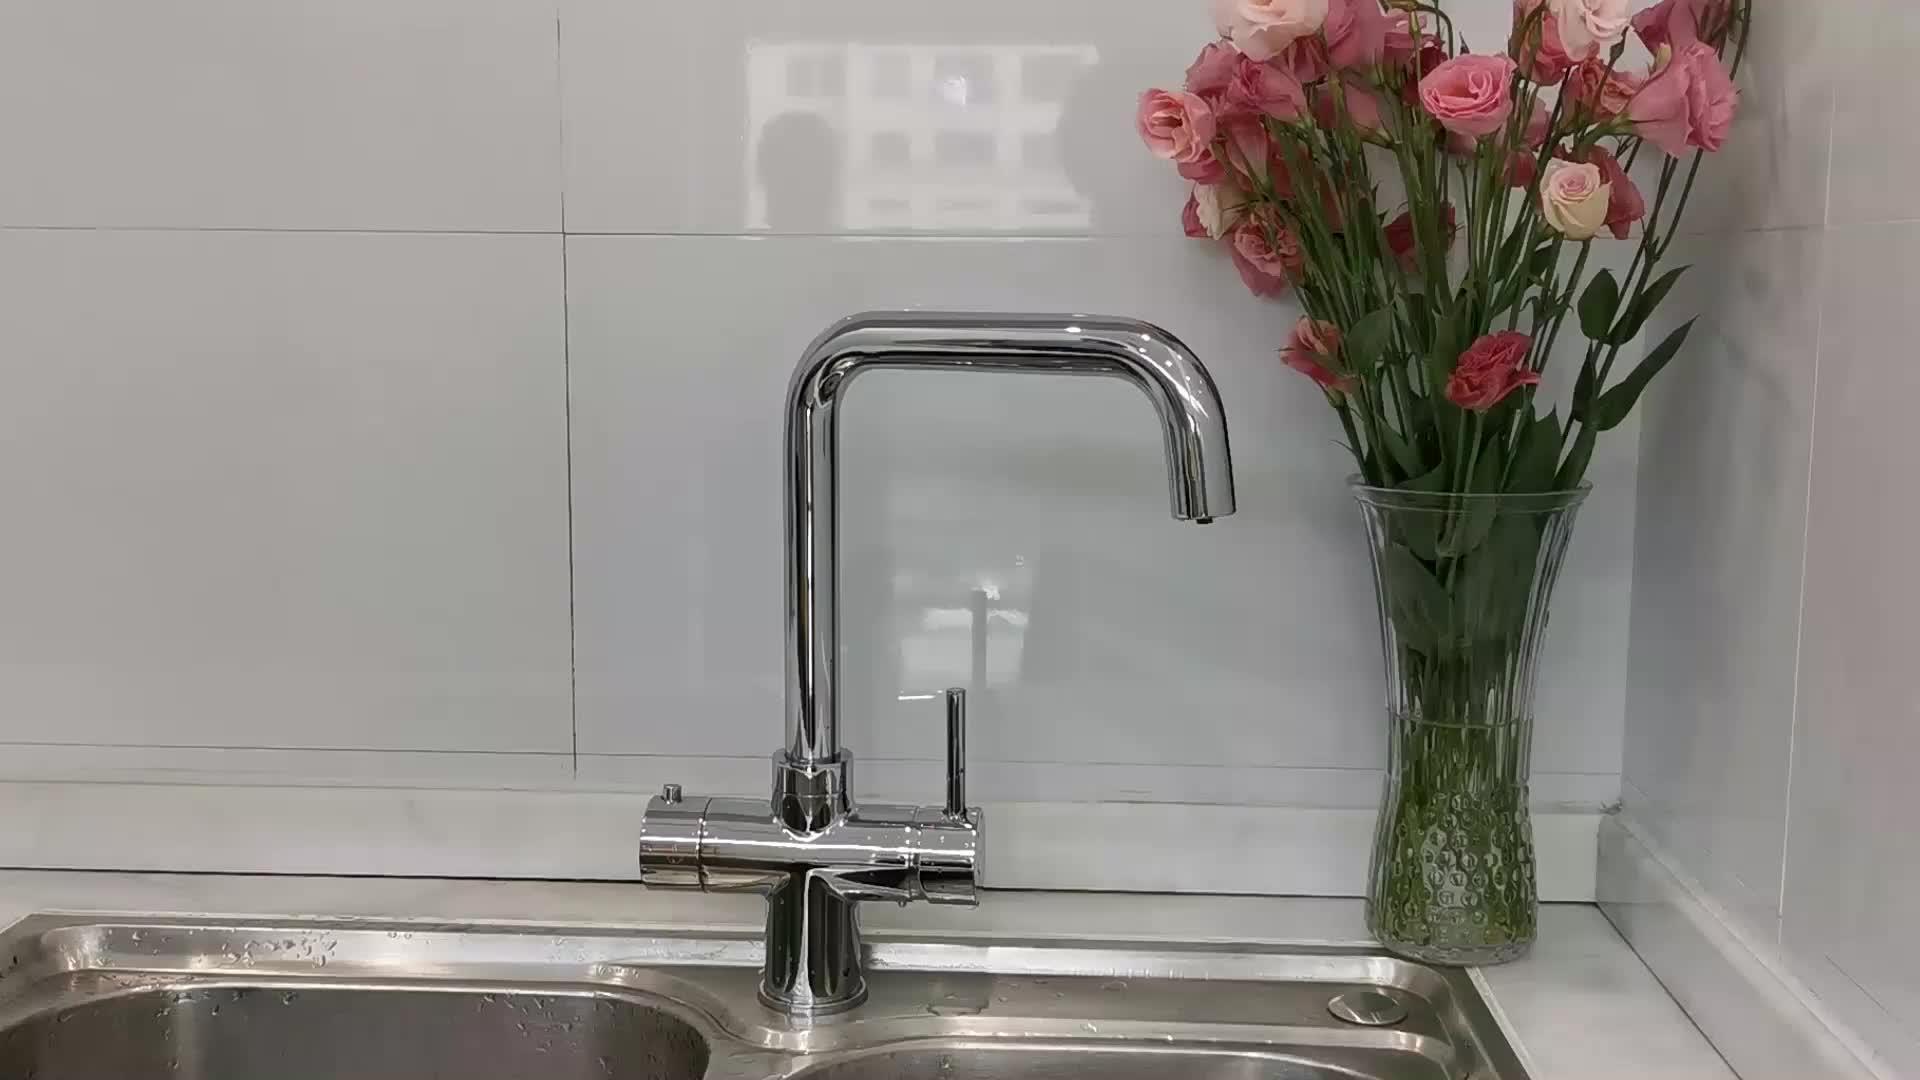 Hot koop instant elektrische boiler tap